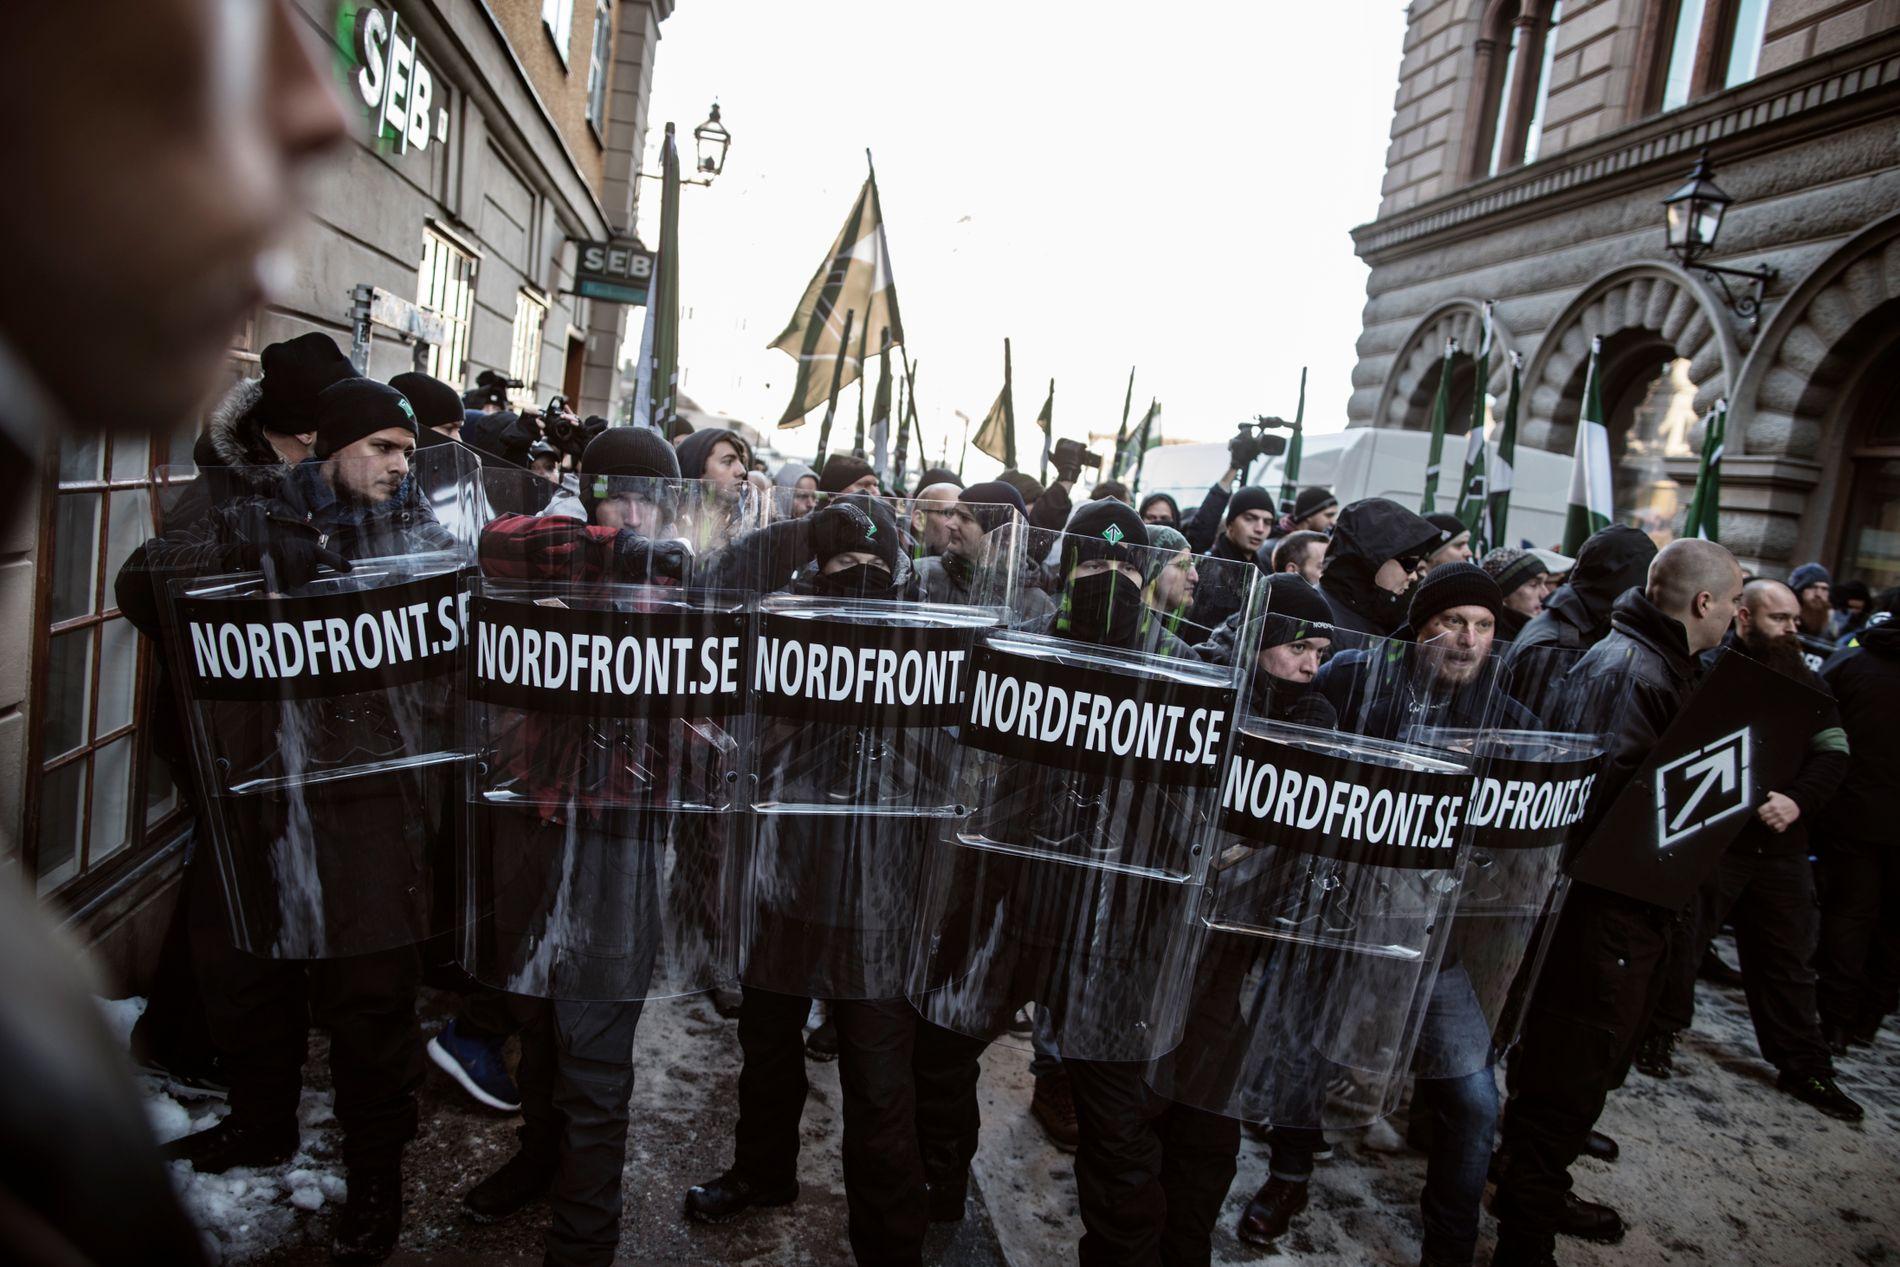 MARSJ MOT DEMOKRATIET: Det svenske samfunnet sliter med å stå opp mot grupper som vil knuse demokratiet de lever i.